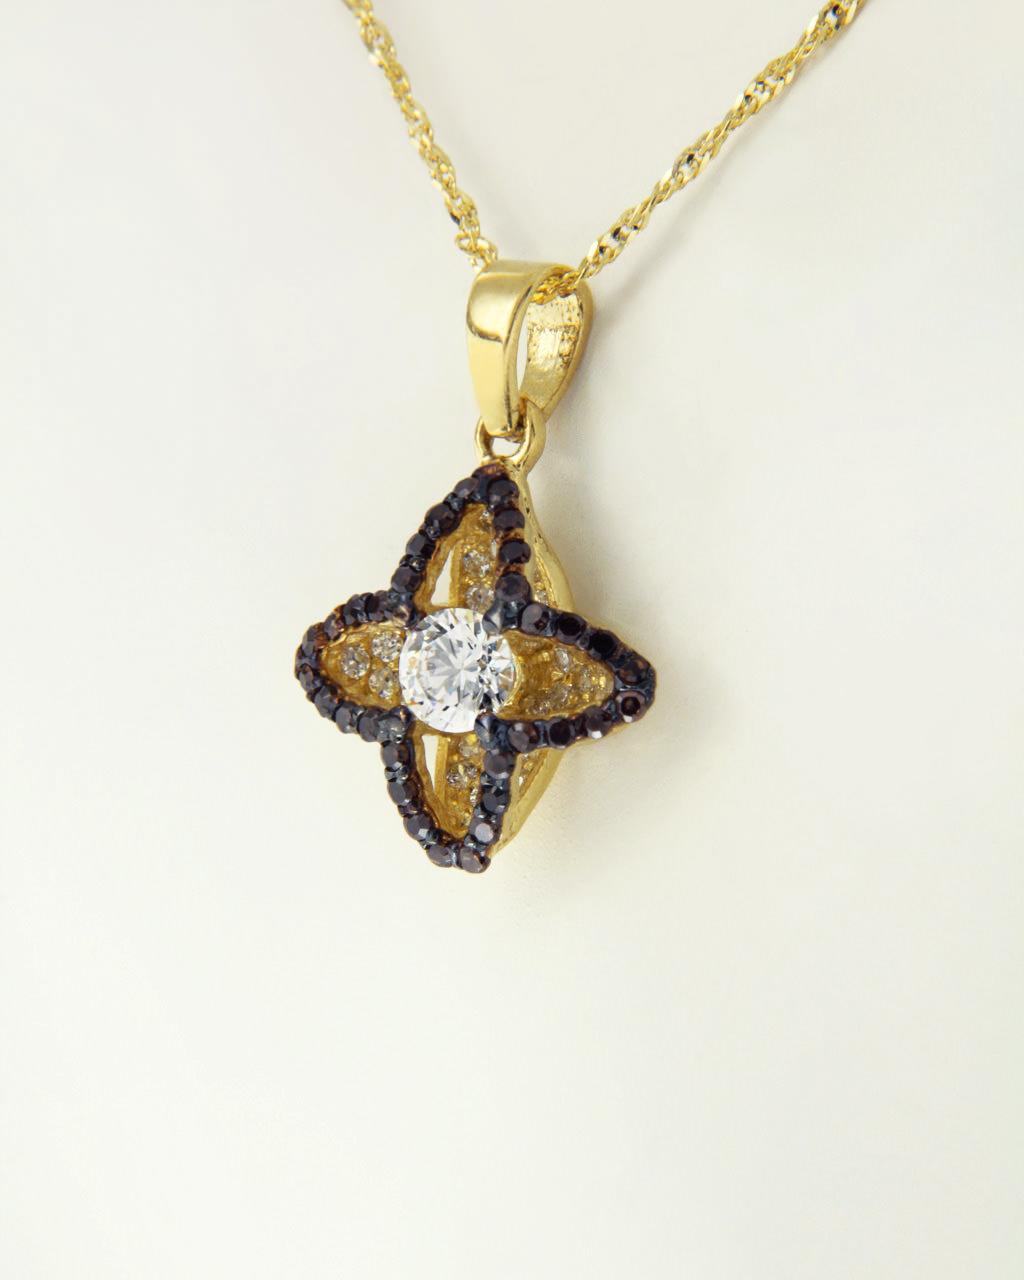 Σταυρουδάκι χρυσό Κ14 με Ζιργκόν   κοσμηματα σταυροί σταυροί fashion